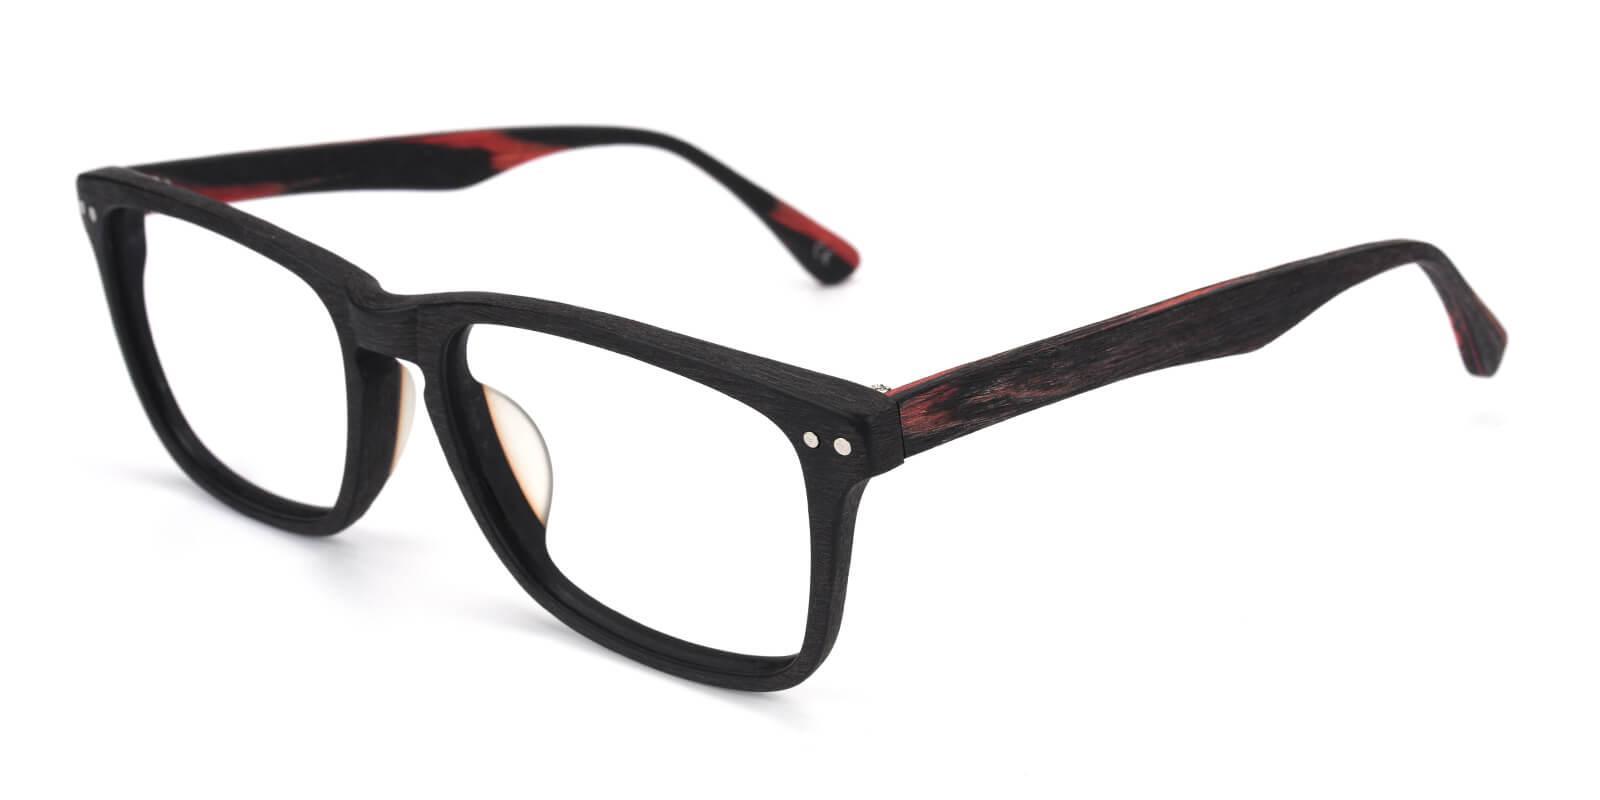 Bruke-Red-Square-Acetate-Eyeglasses-detail